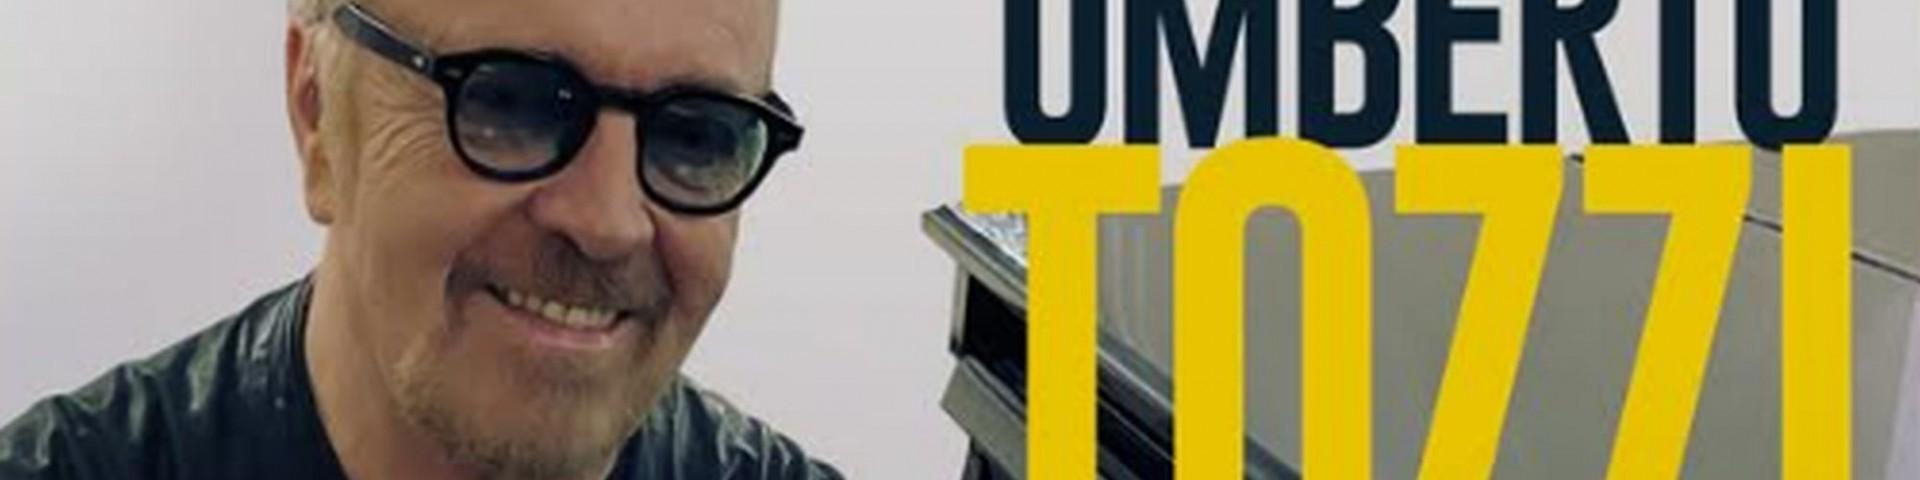 Umberto Tozzi in concerto streaming poi alla finale di Sanremo 2021